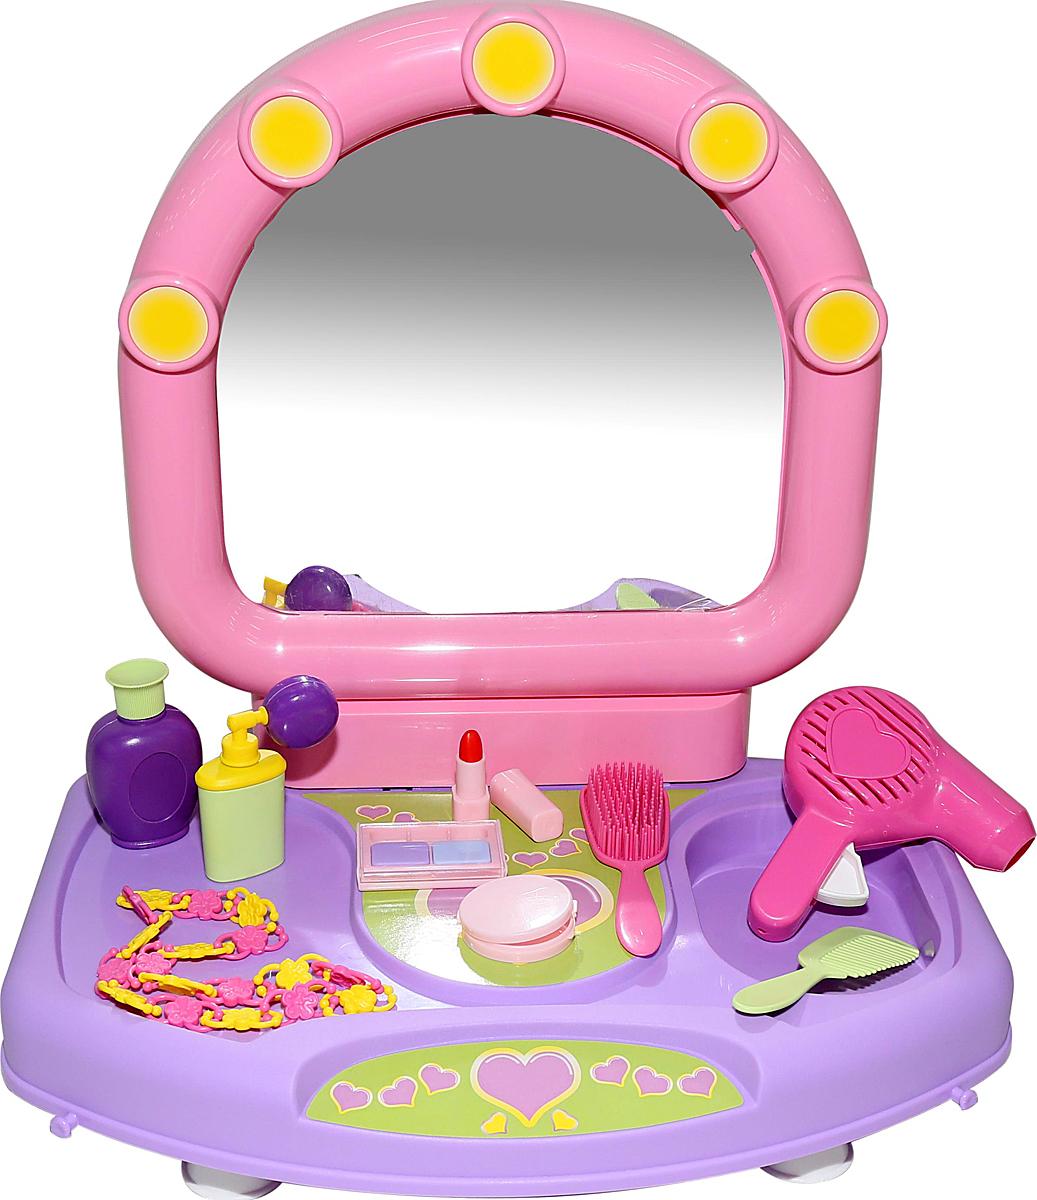 Полесье Игровой набор Салон красоты Милена 53428 туалетный столик полесье салон красоты диана 4 43146 pls